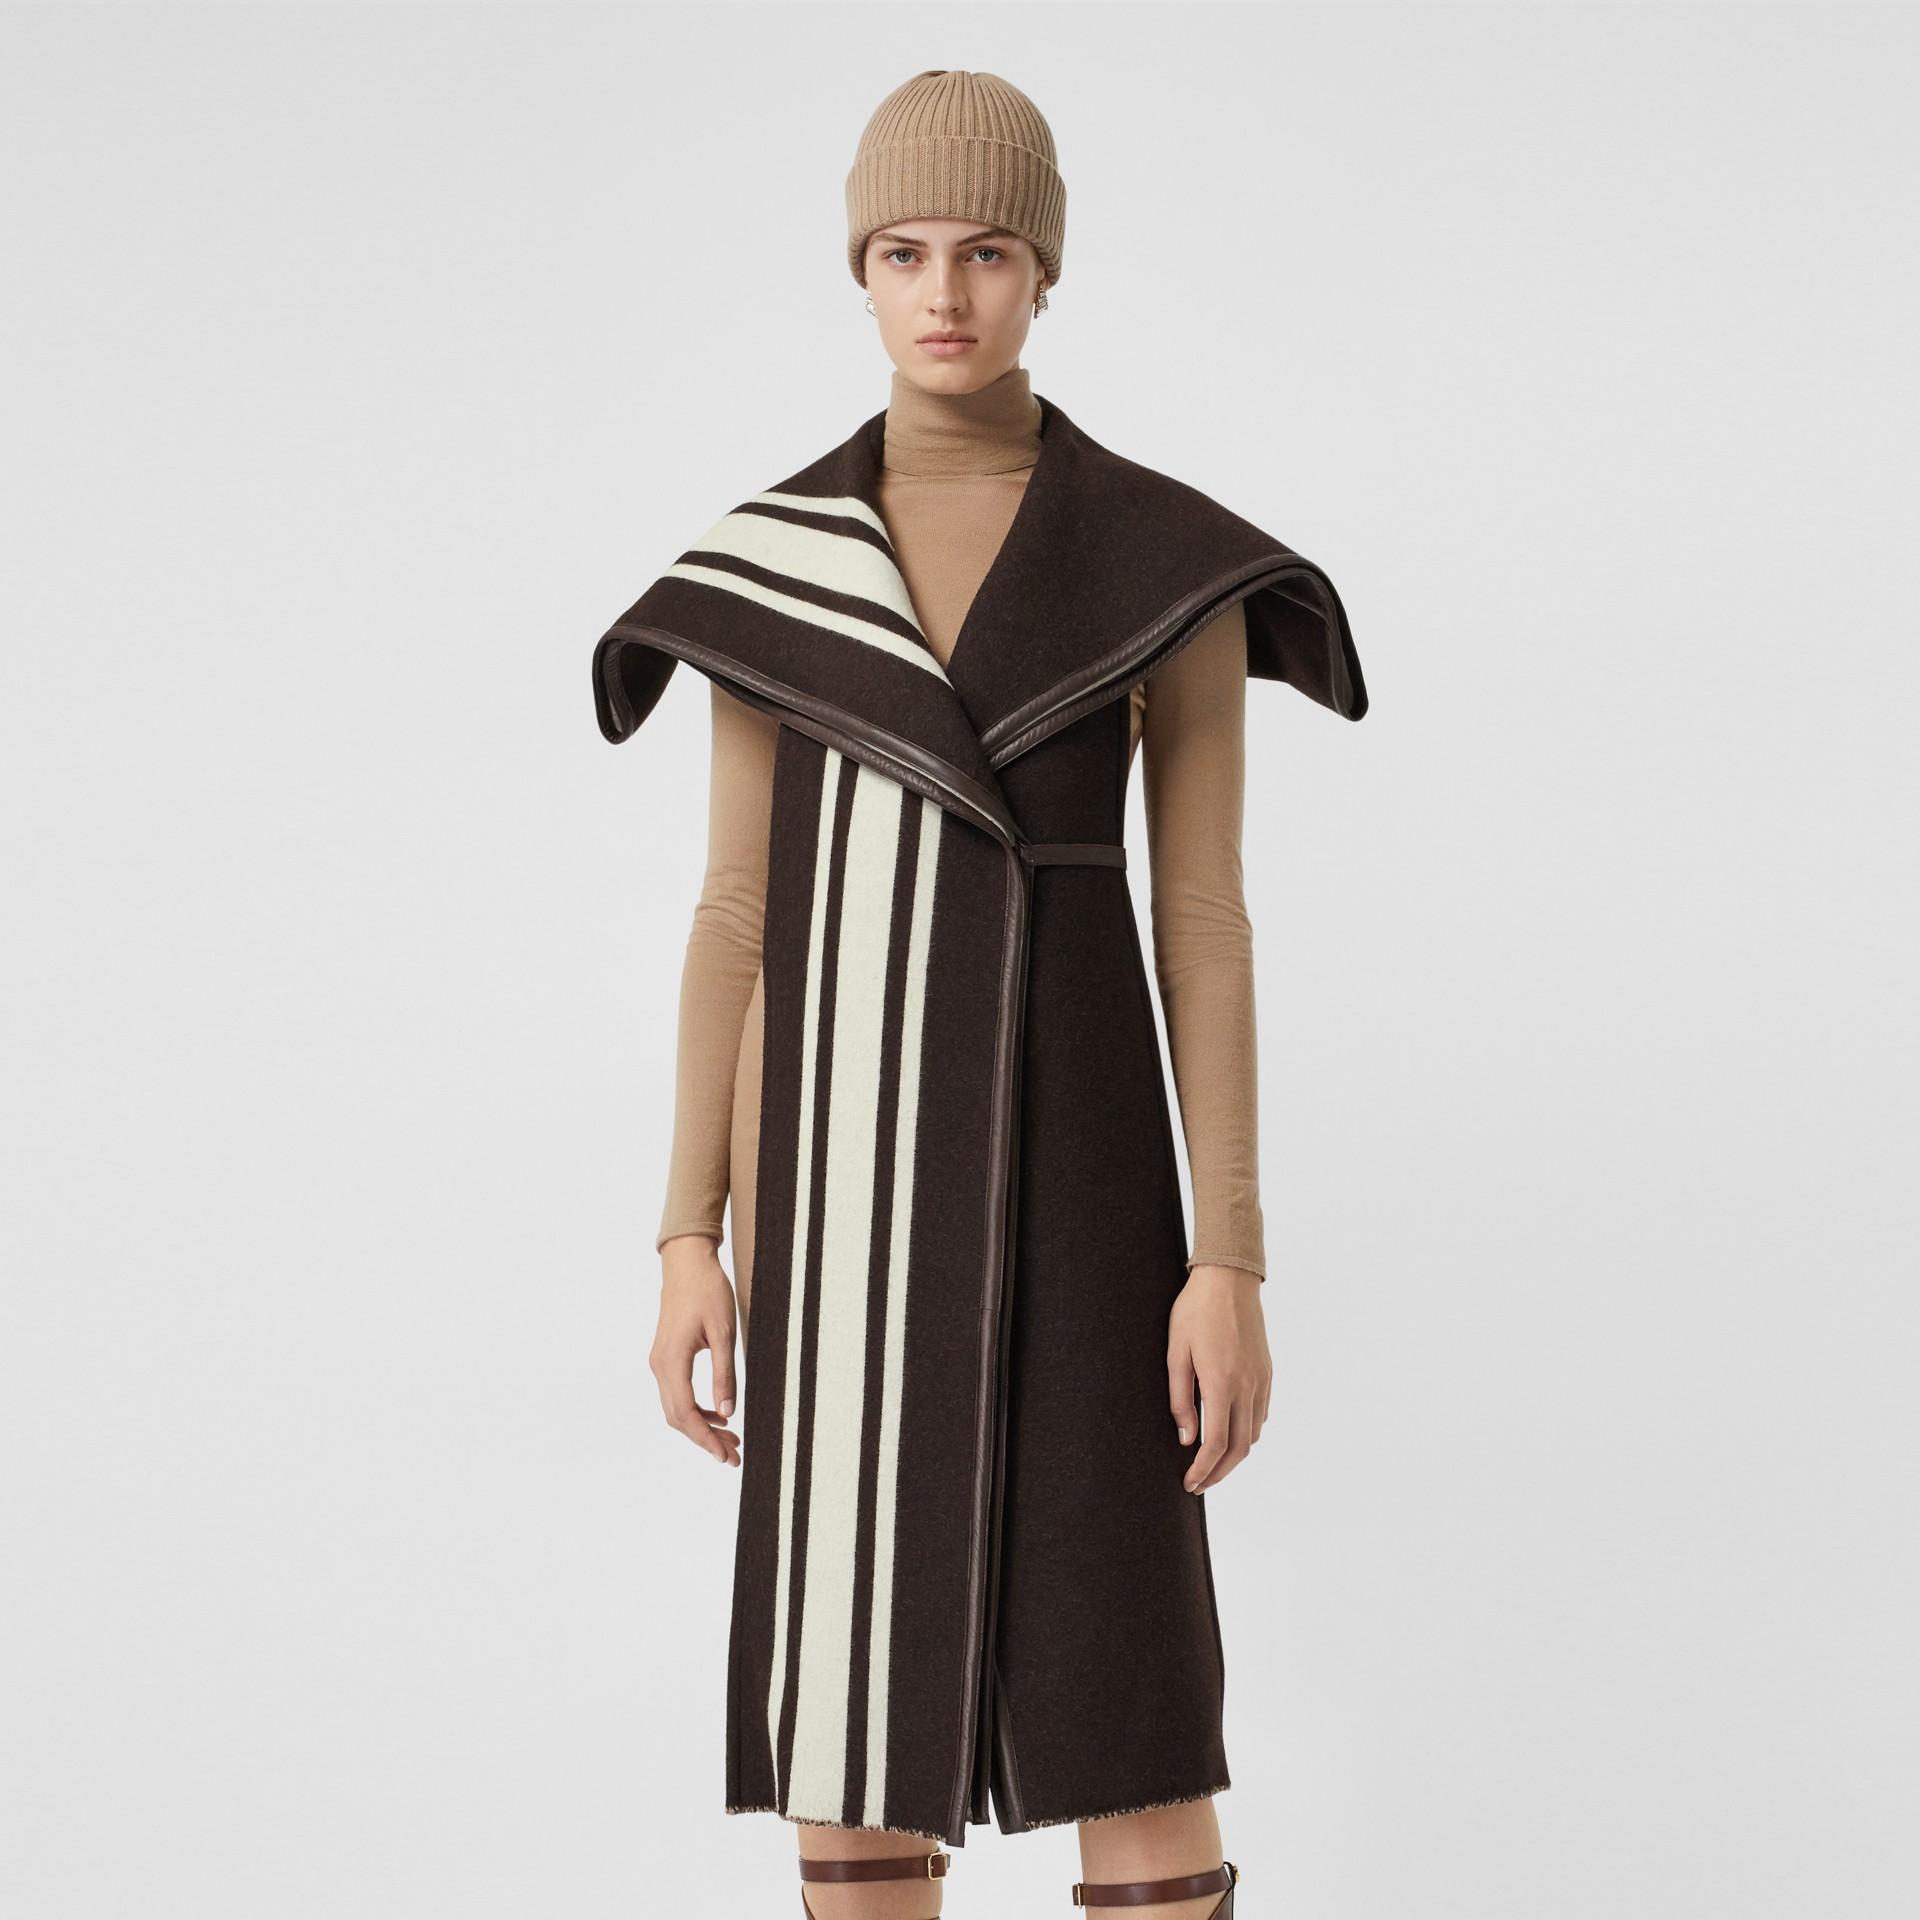 羔羊皮飾帶條紋細節設計羊毛提花披肩 (棕色) - 女款 | Burberry - 圖庫照片 5